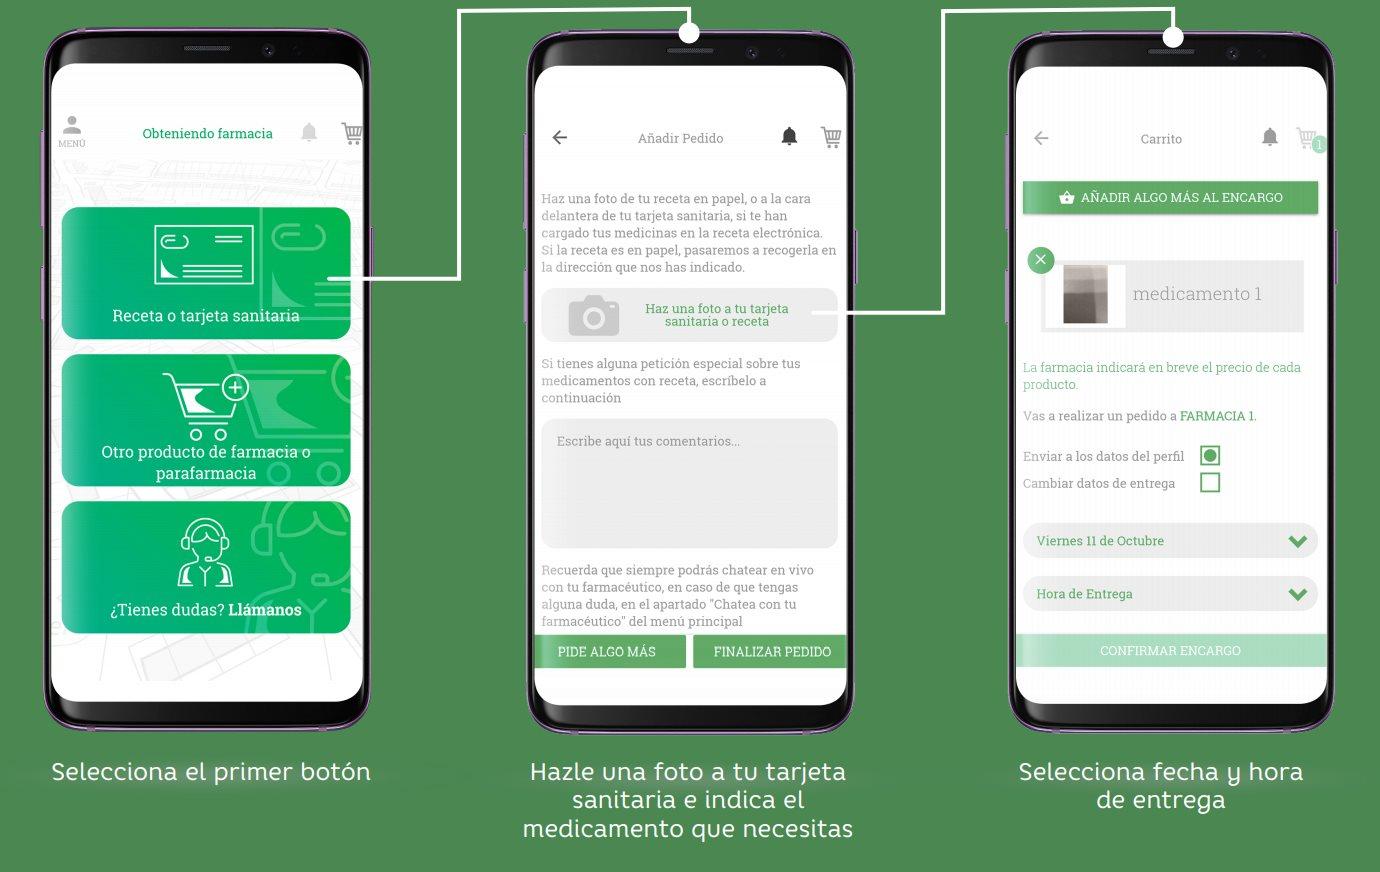 telefarmacia app